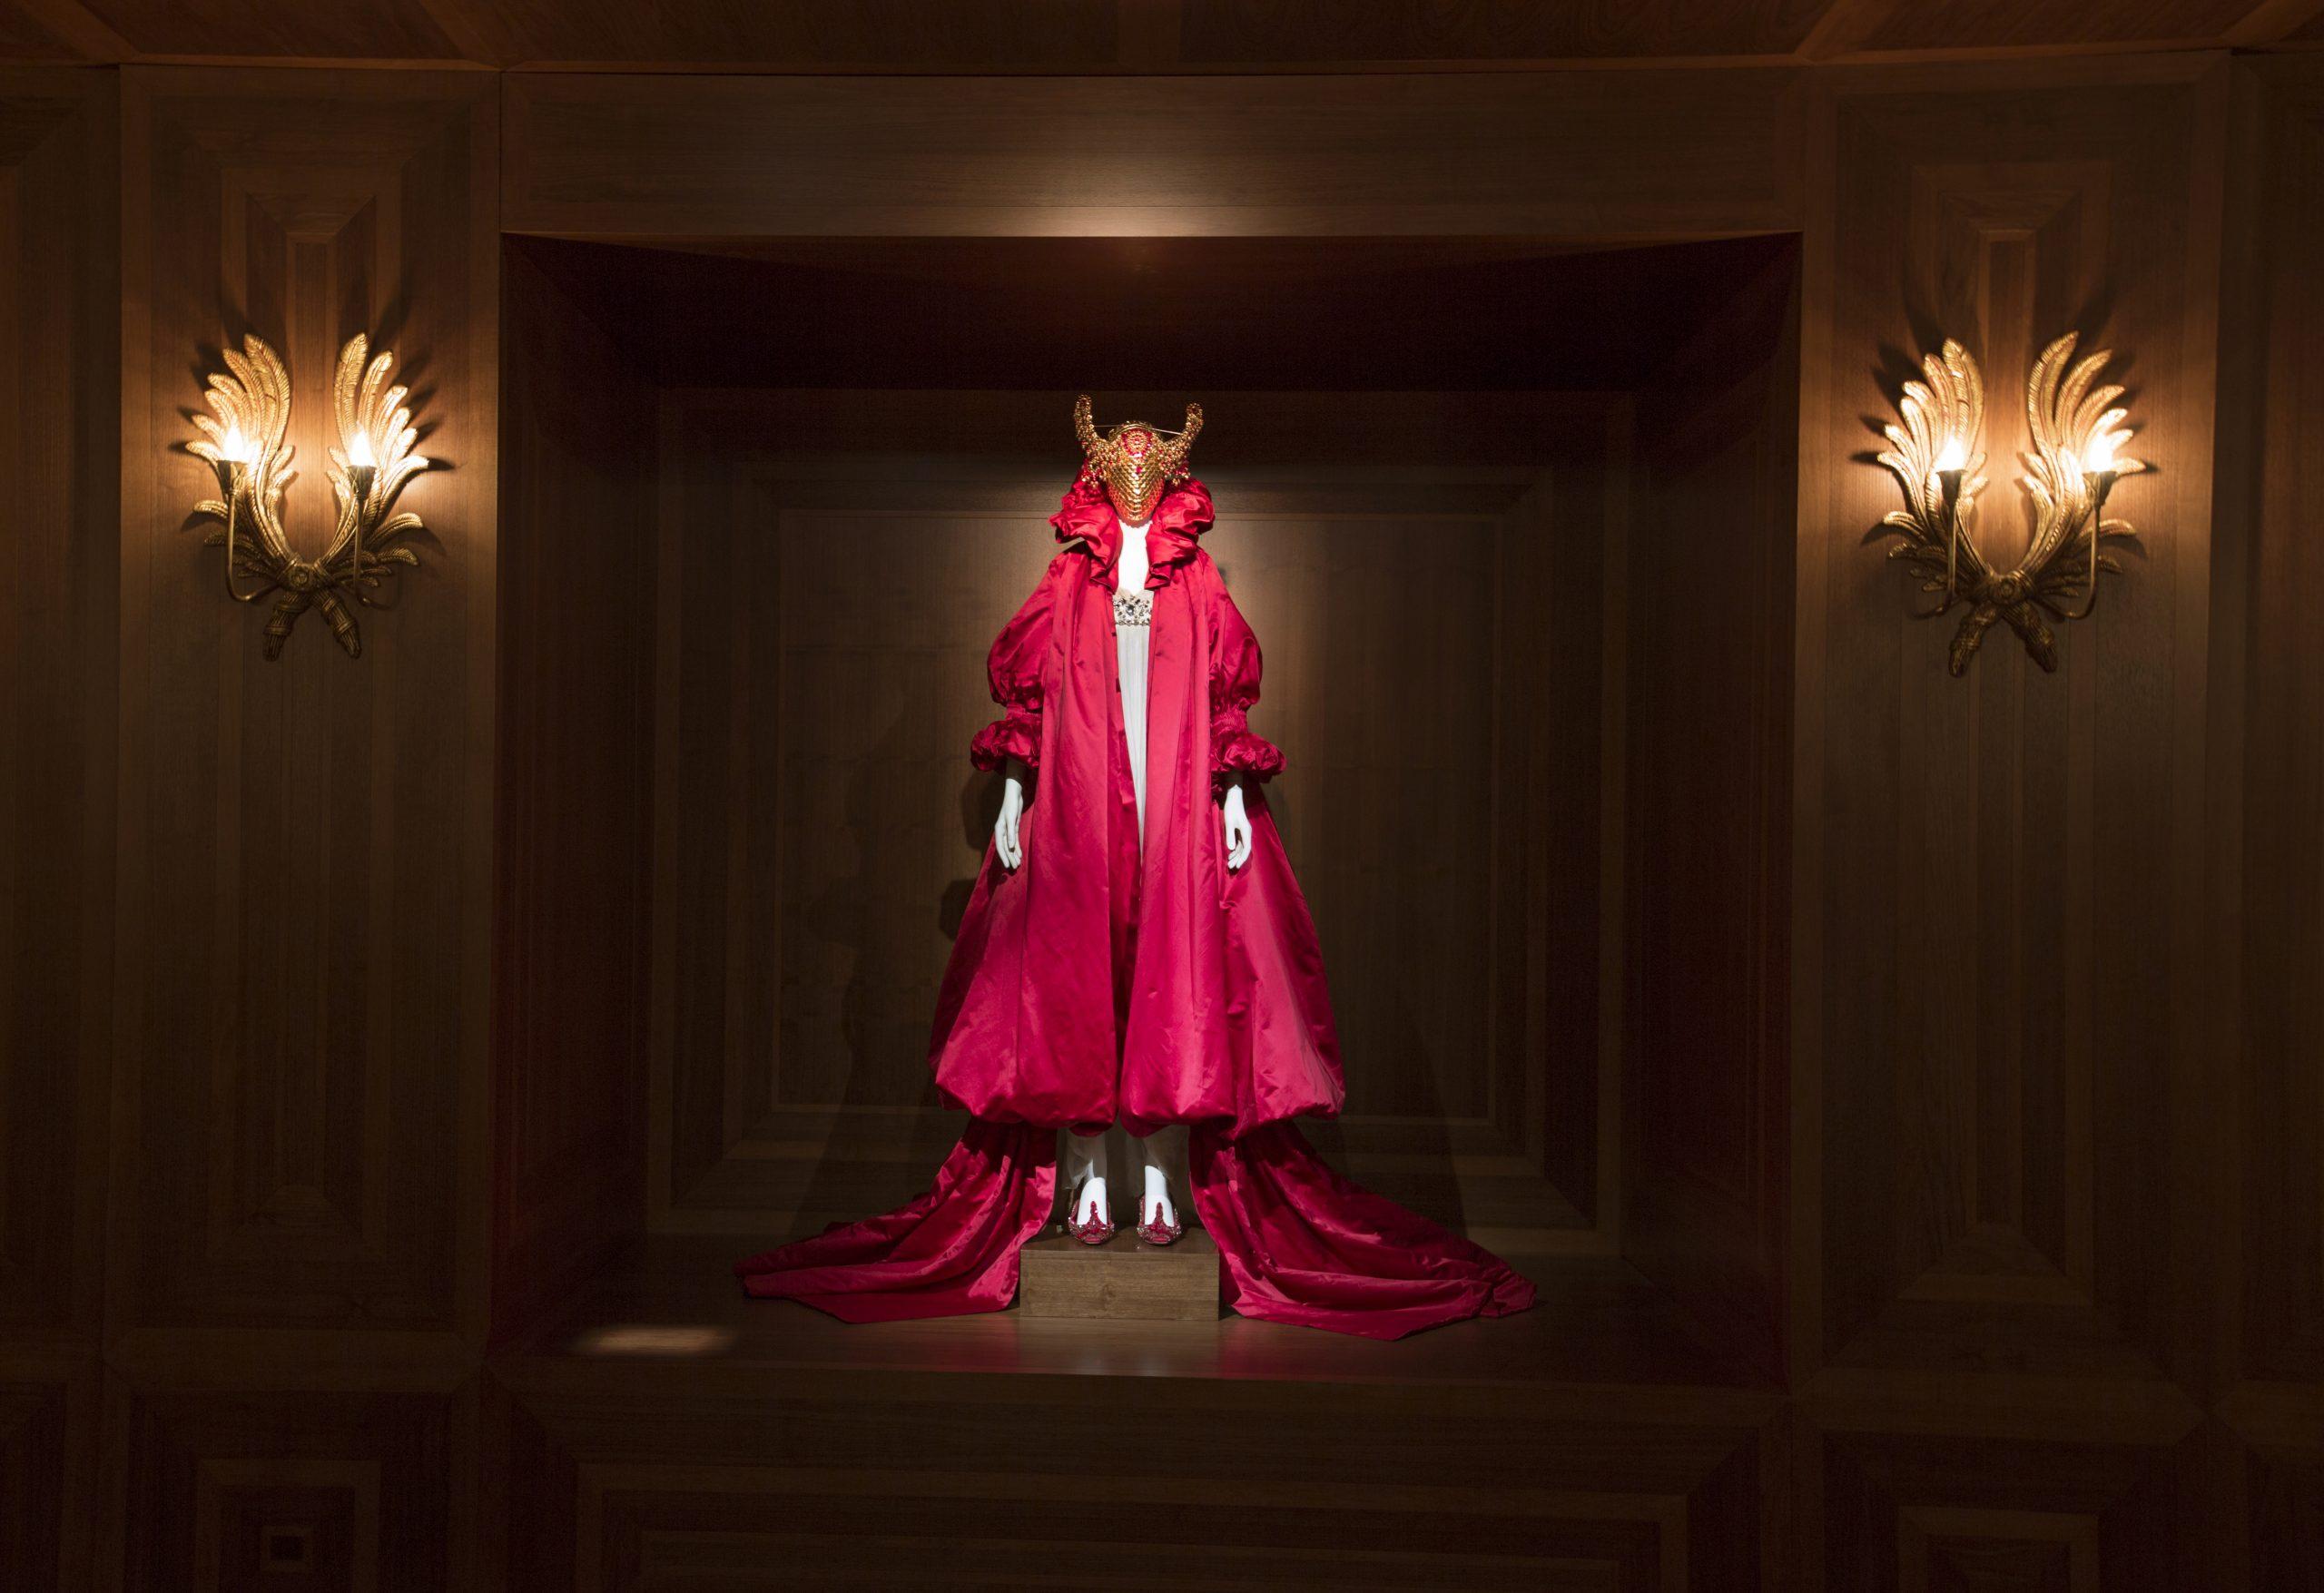 יופי אכזרי: תערוכת רטרוספקטיבה למעצב אלכסנדר מקווין בלונדון